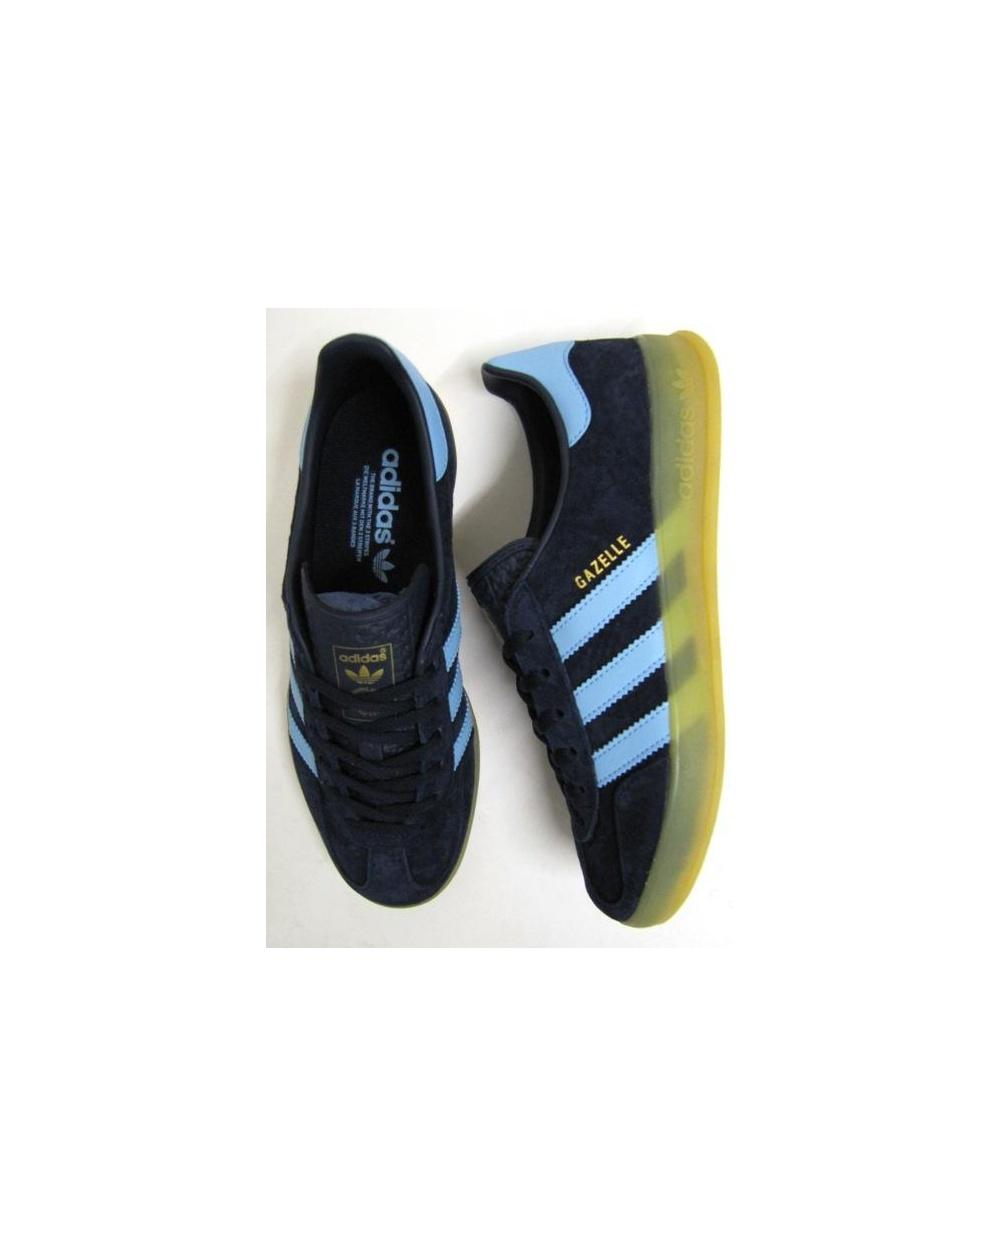 Adidas Originals Gazelle Indoor Trainers Navy